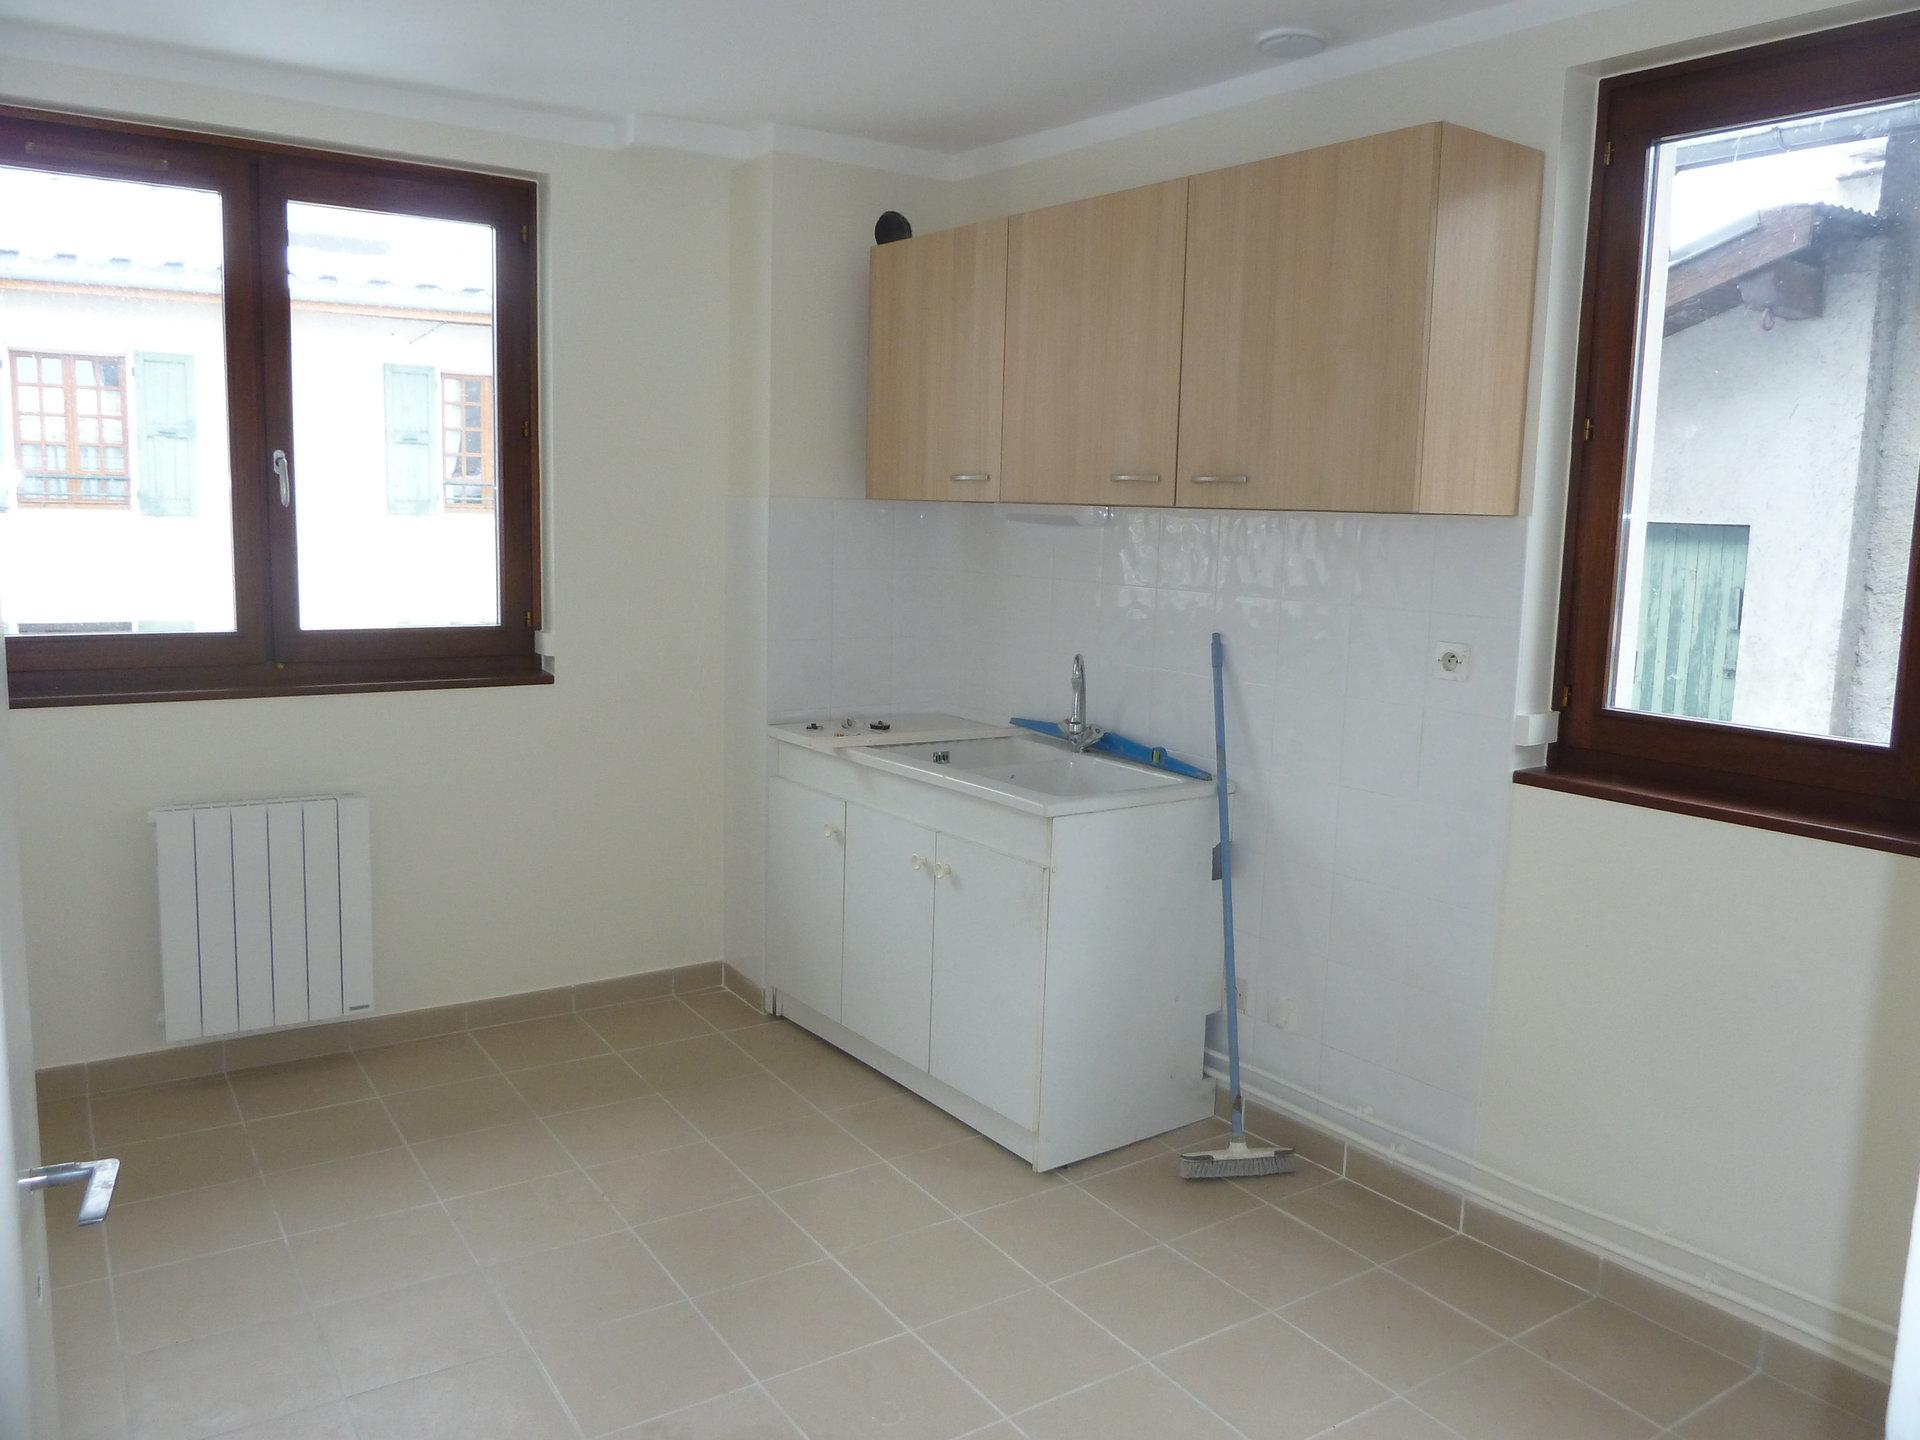 Rental Apartment - Le Bourg-d'Oisans